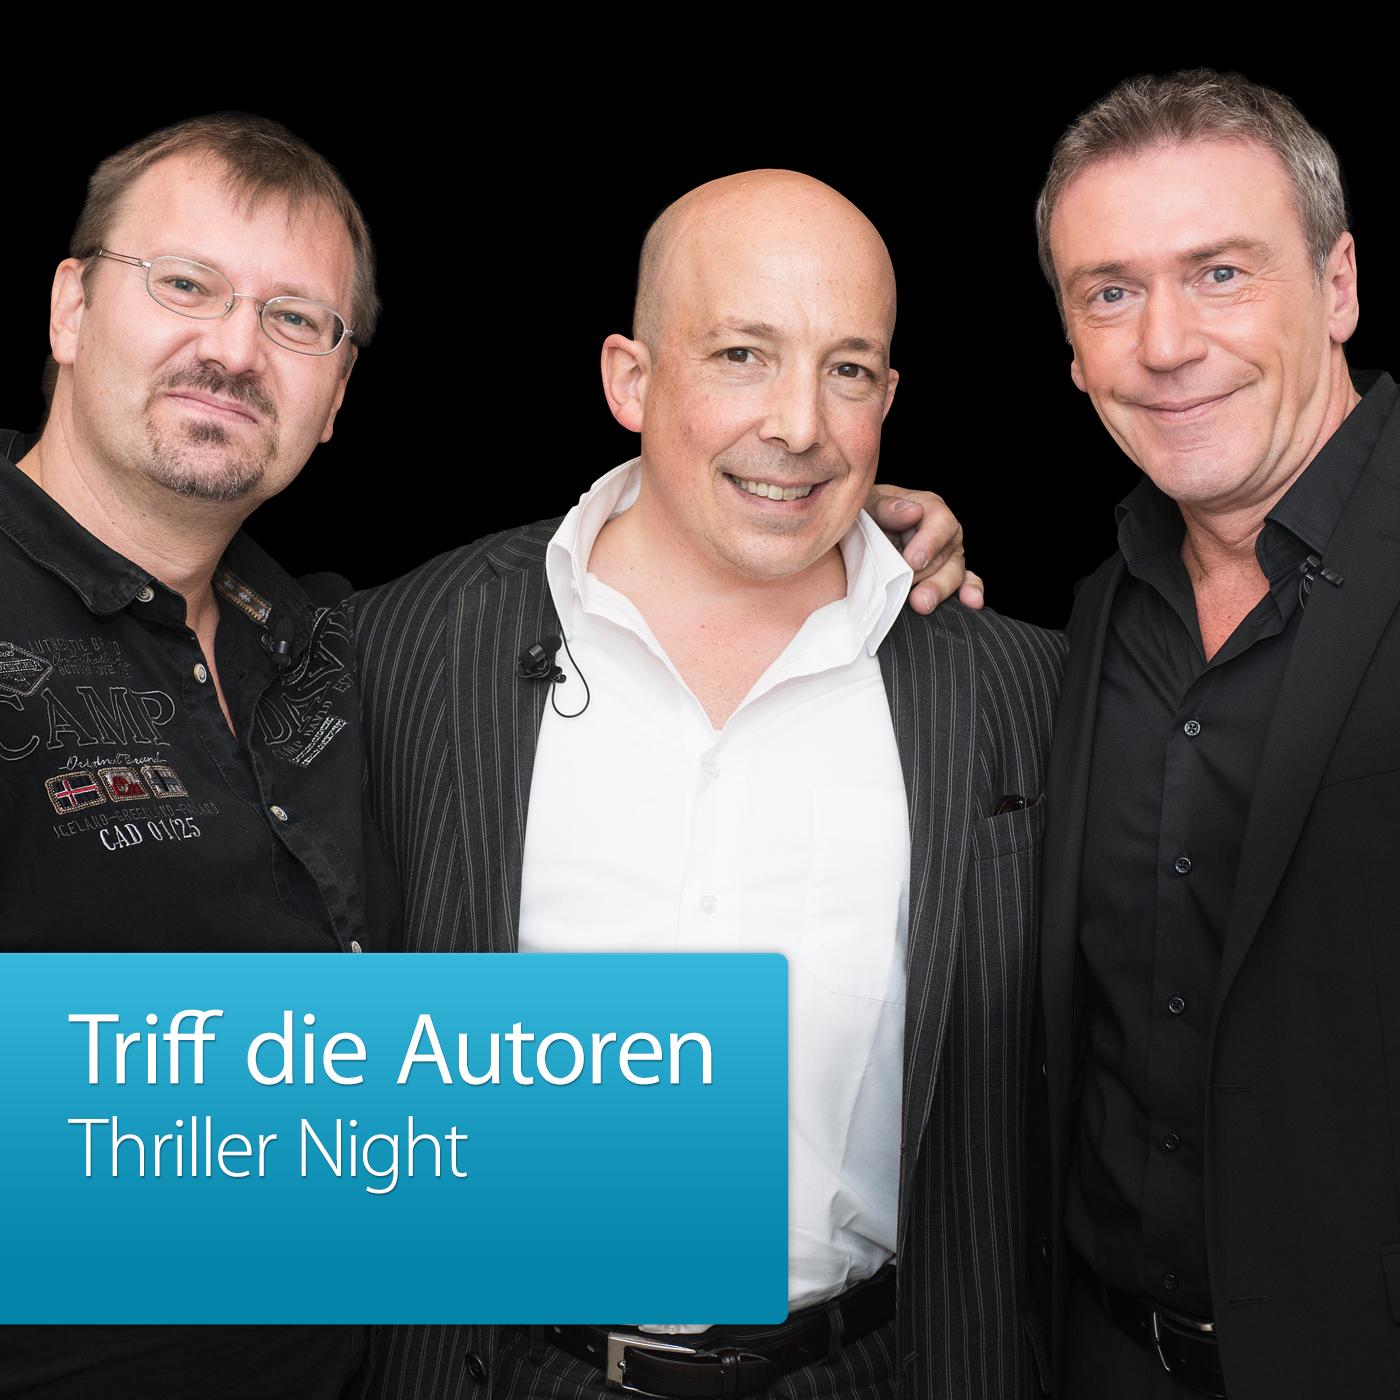 Thriller Night: Triff die Autoren